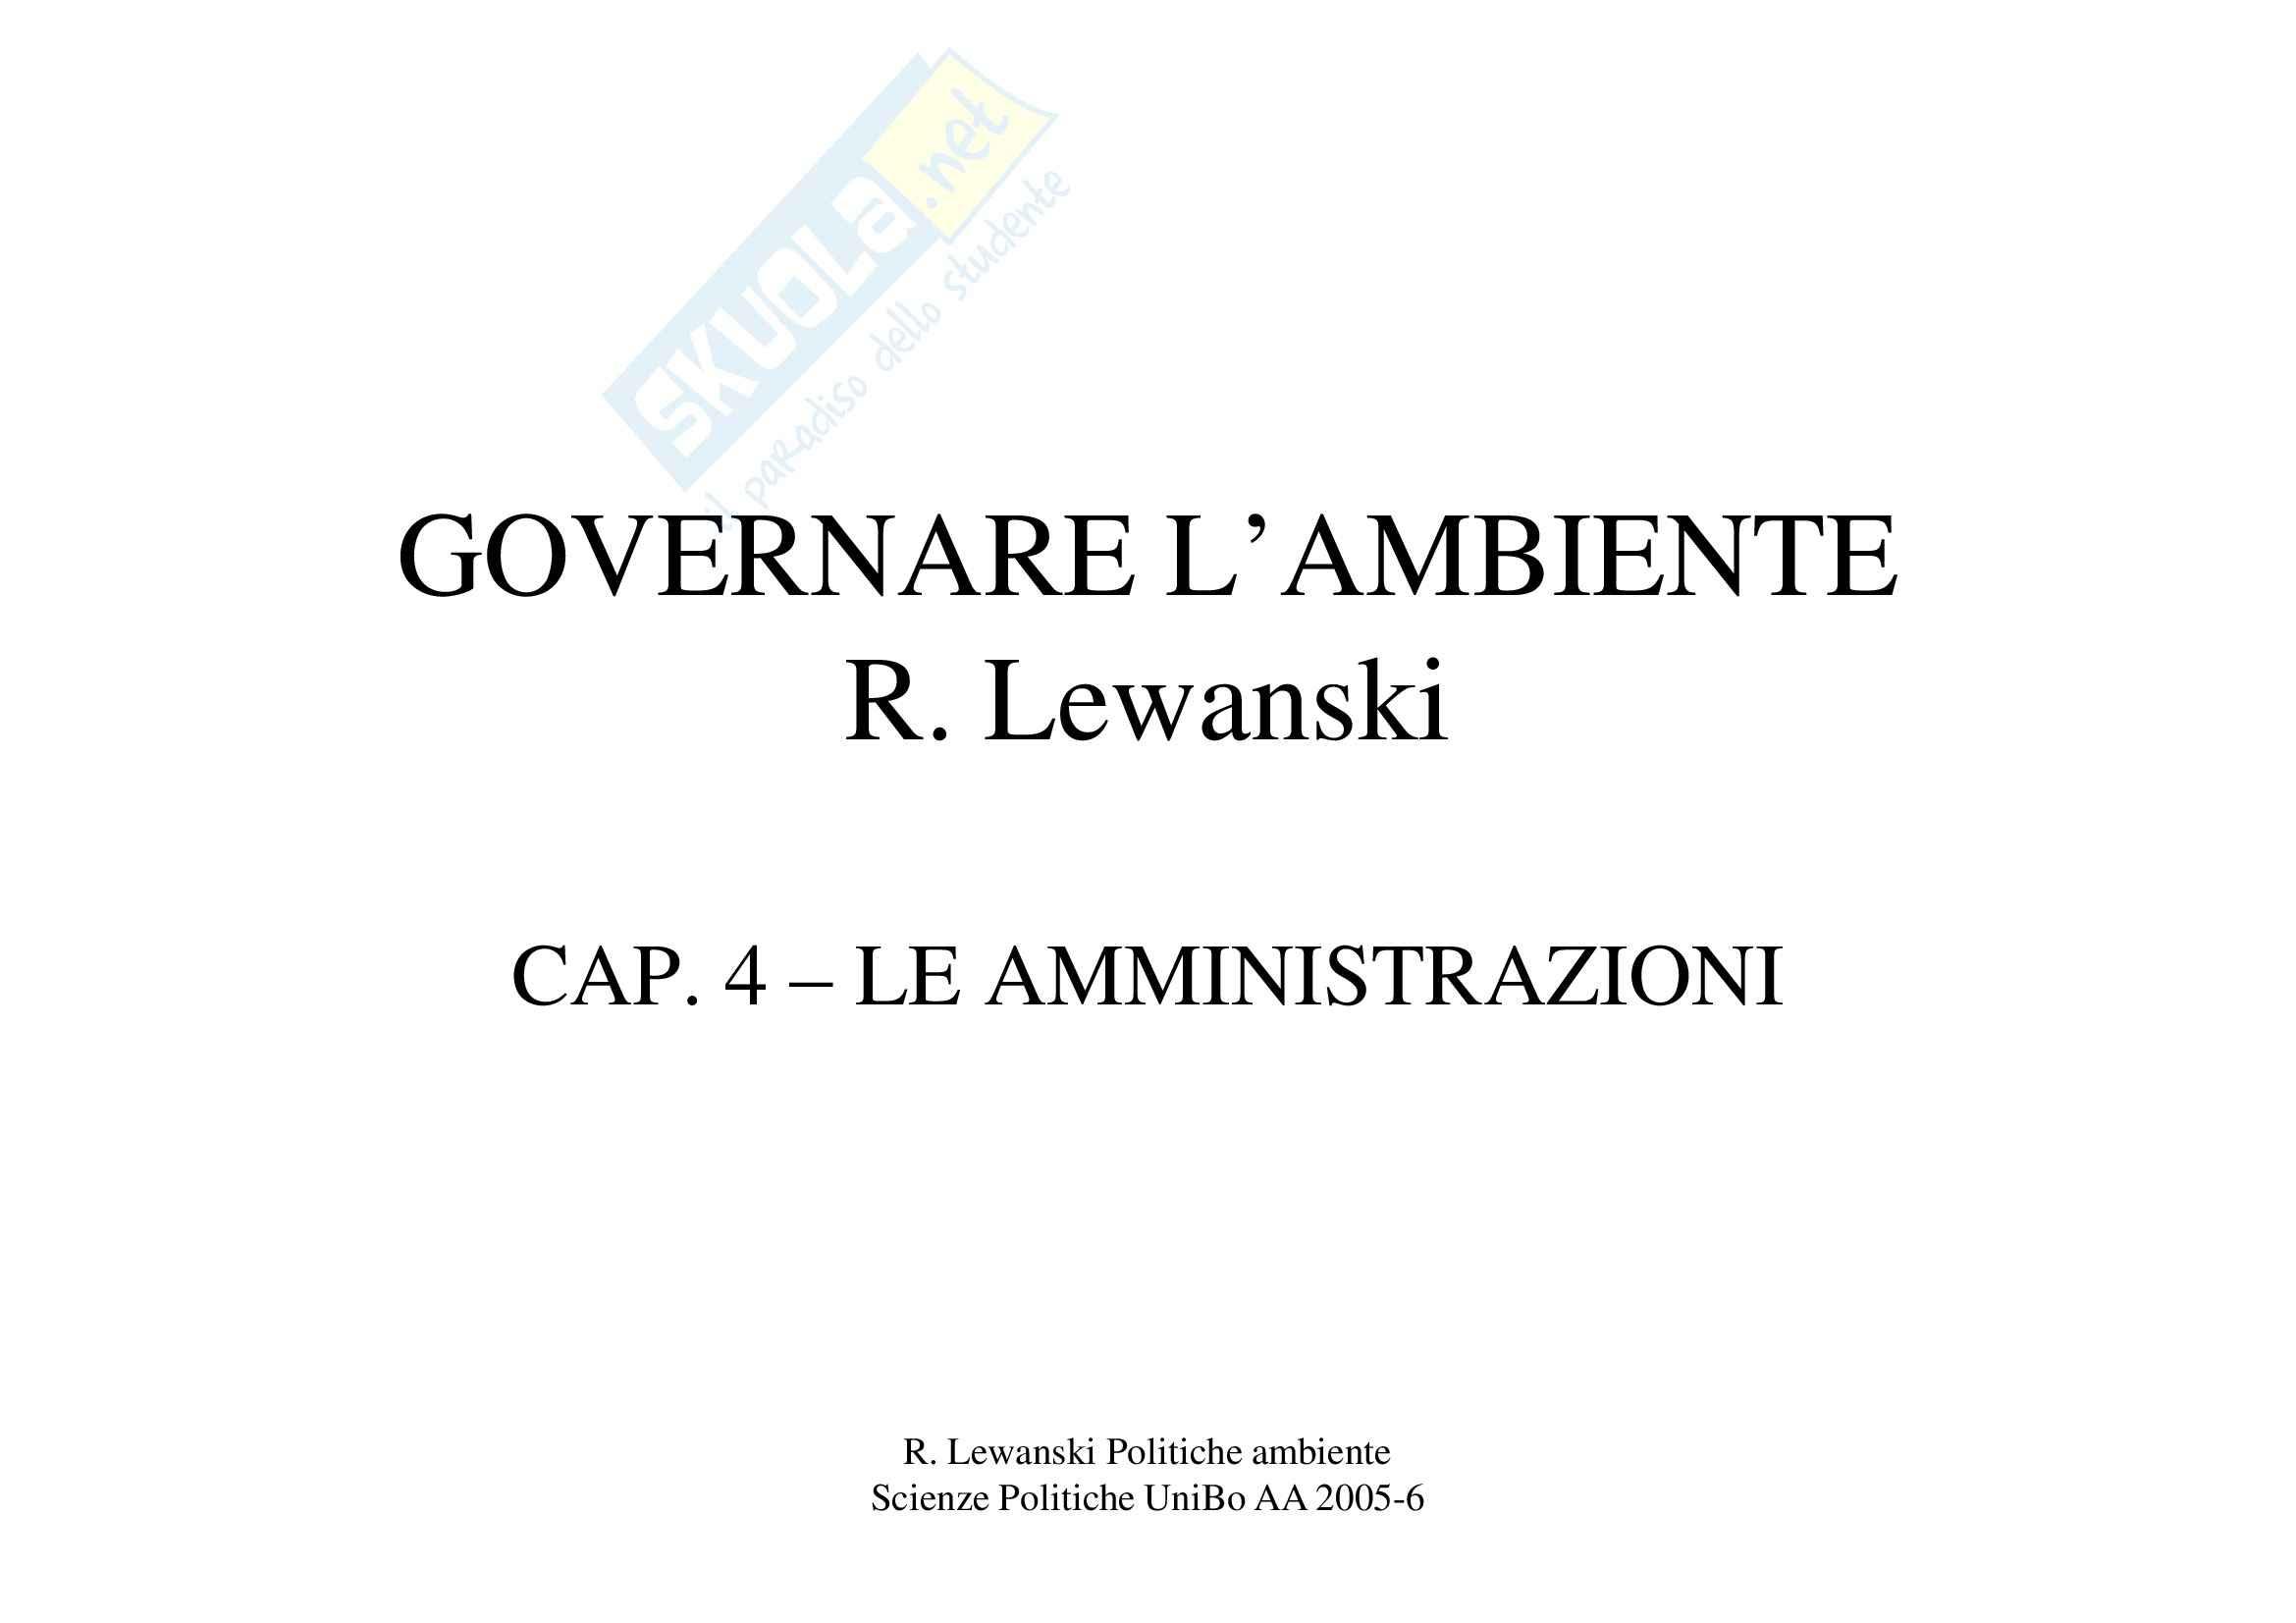 Le amministrazioni